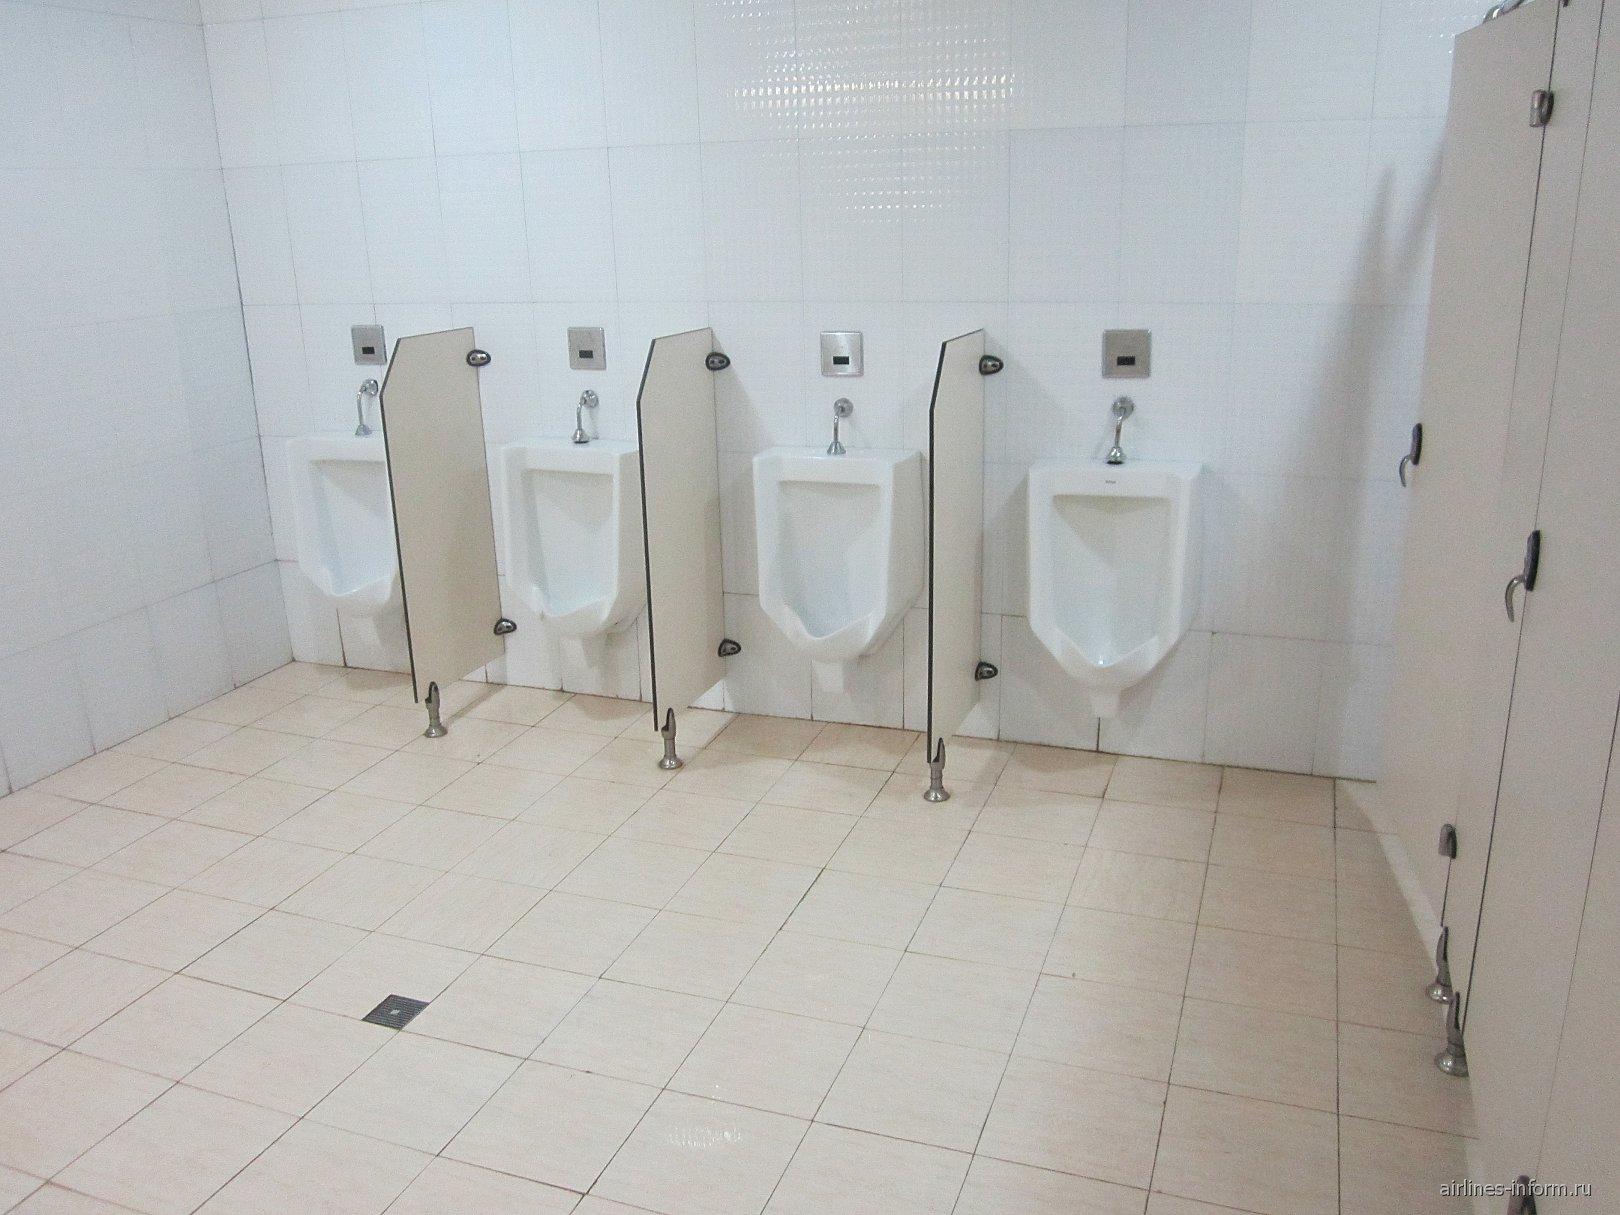 туалет в терминале